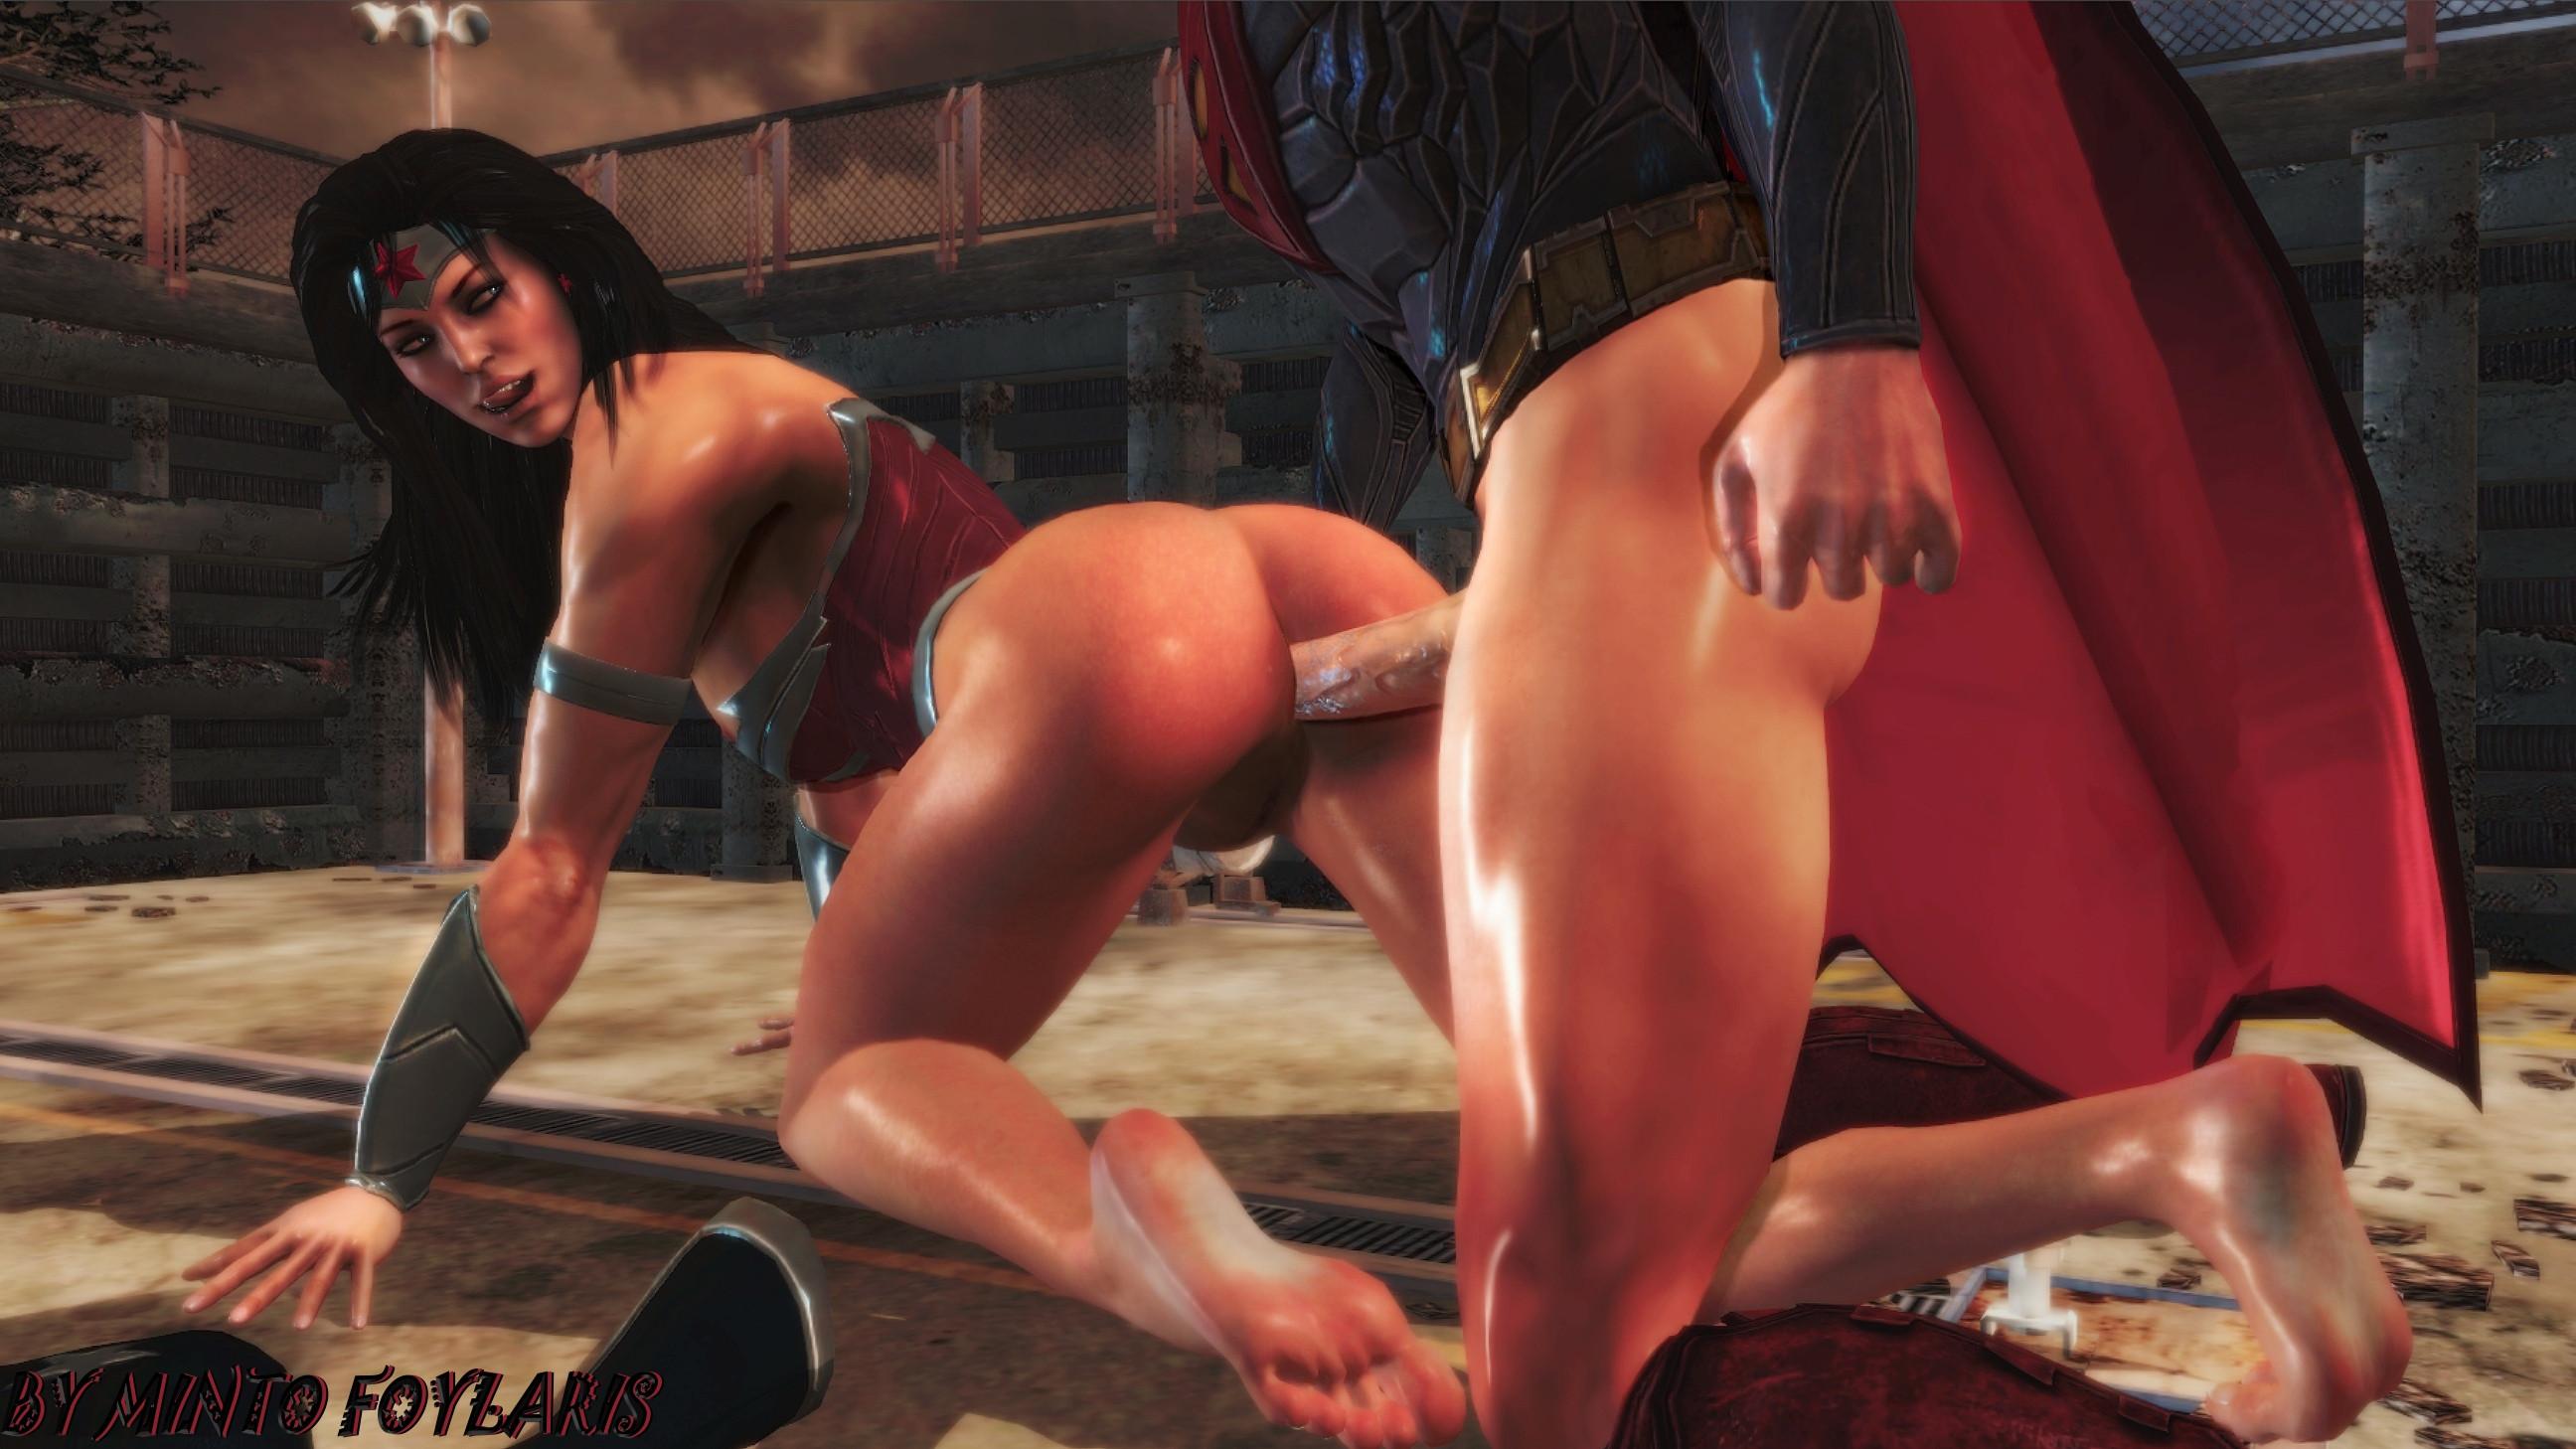 Секс флэш игры про супергероев, Супергерои смотреть порно видео онлайн, бесплатные 13 фотография